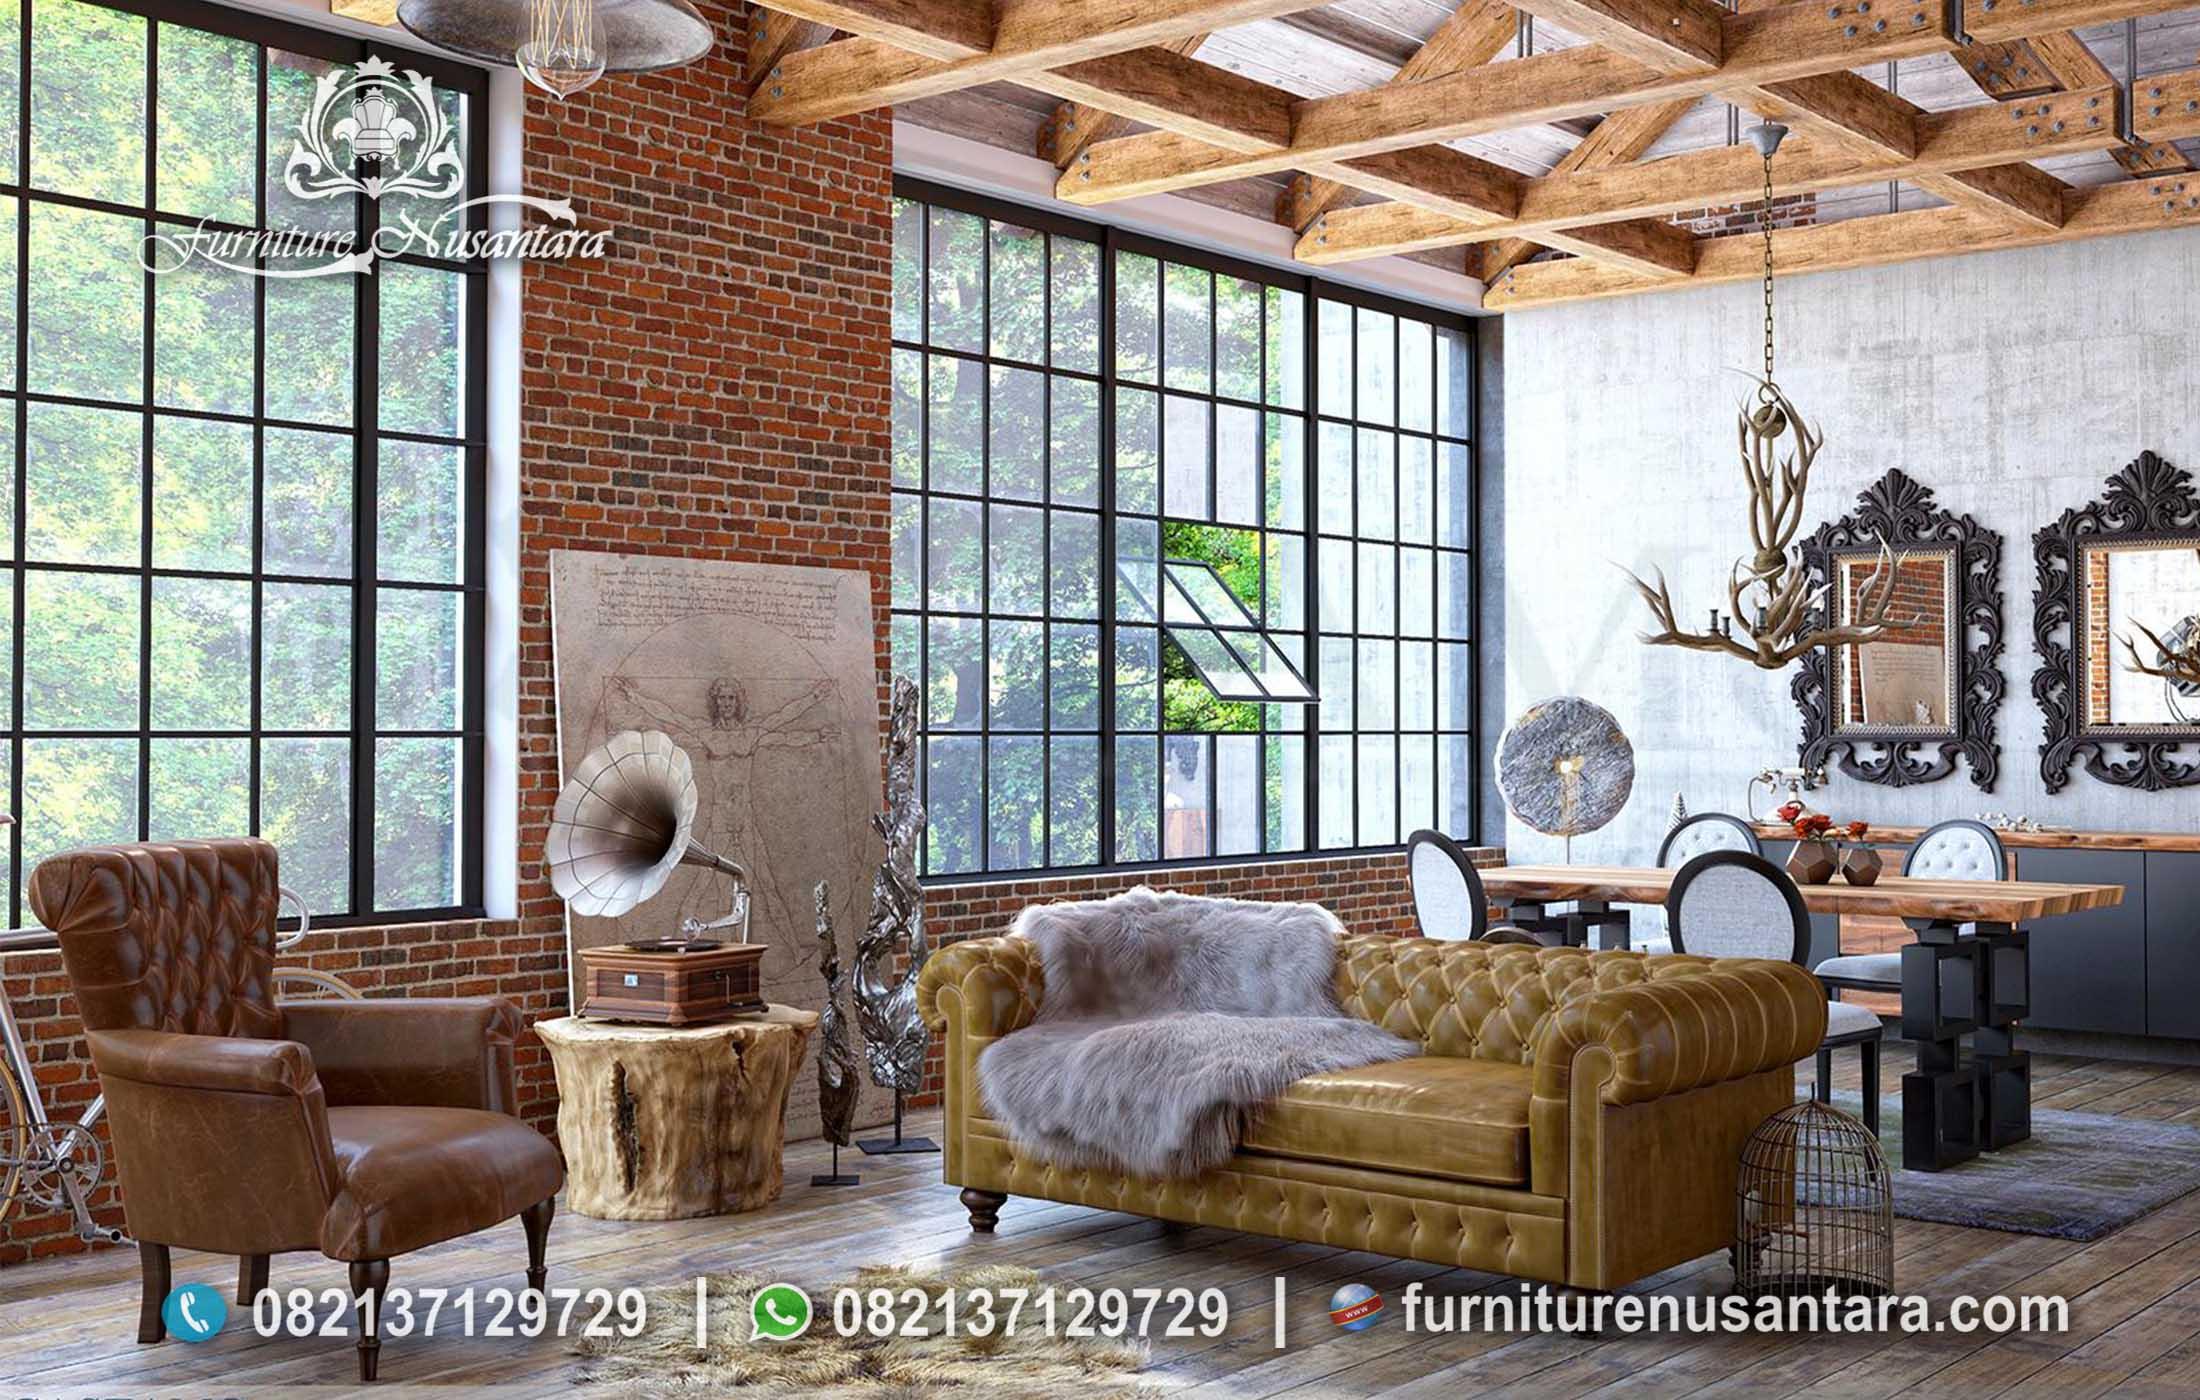 Model Sofa Chester Ruang Keluarga ST-79, Furniture Nusantara